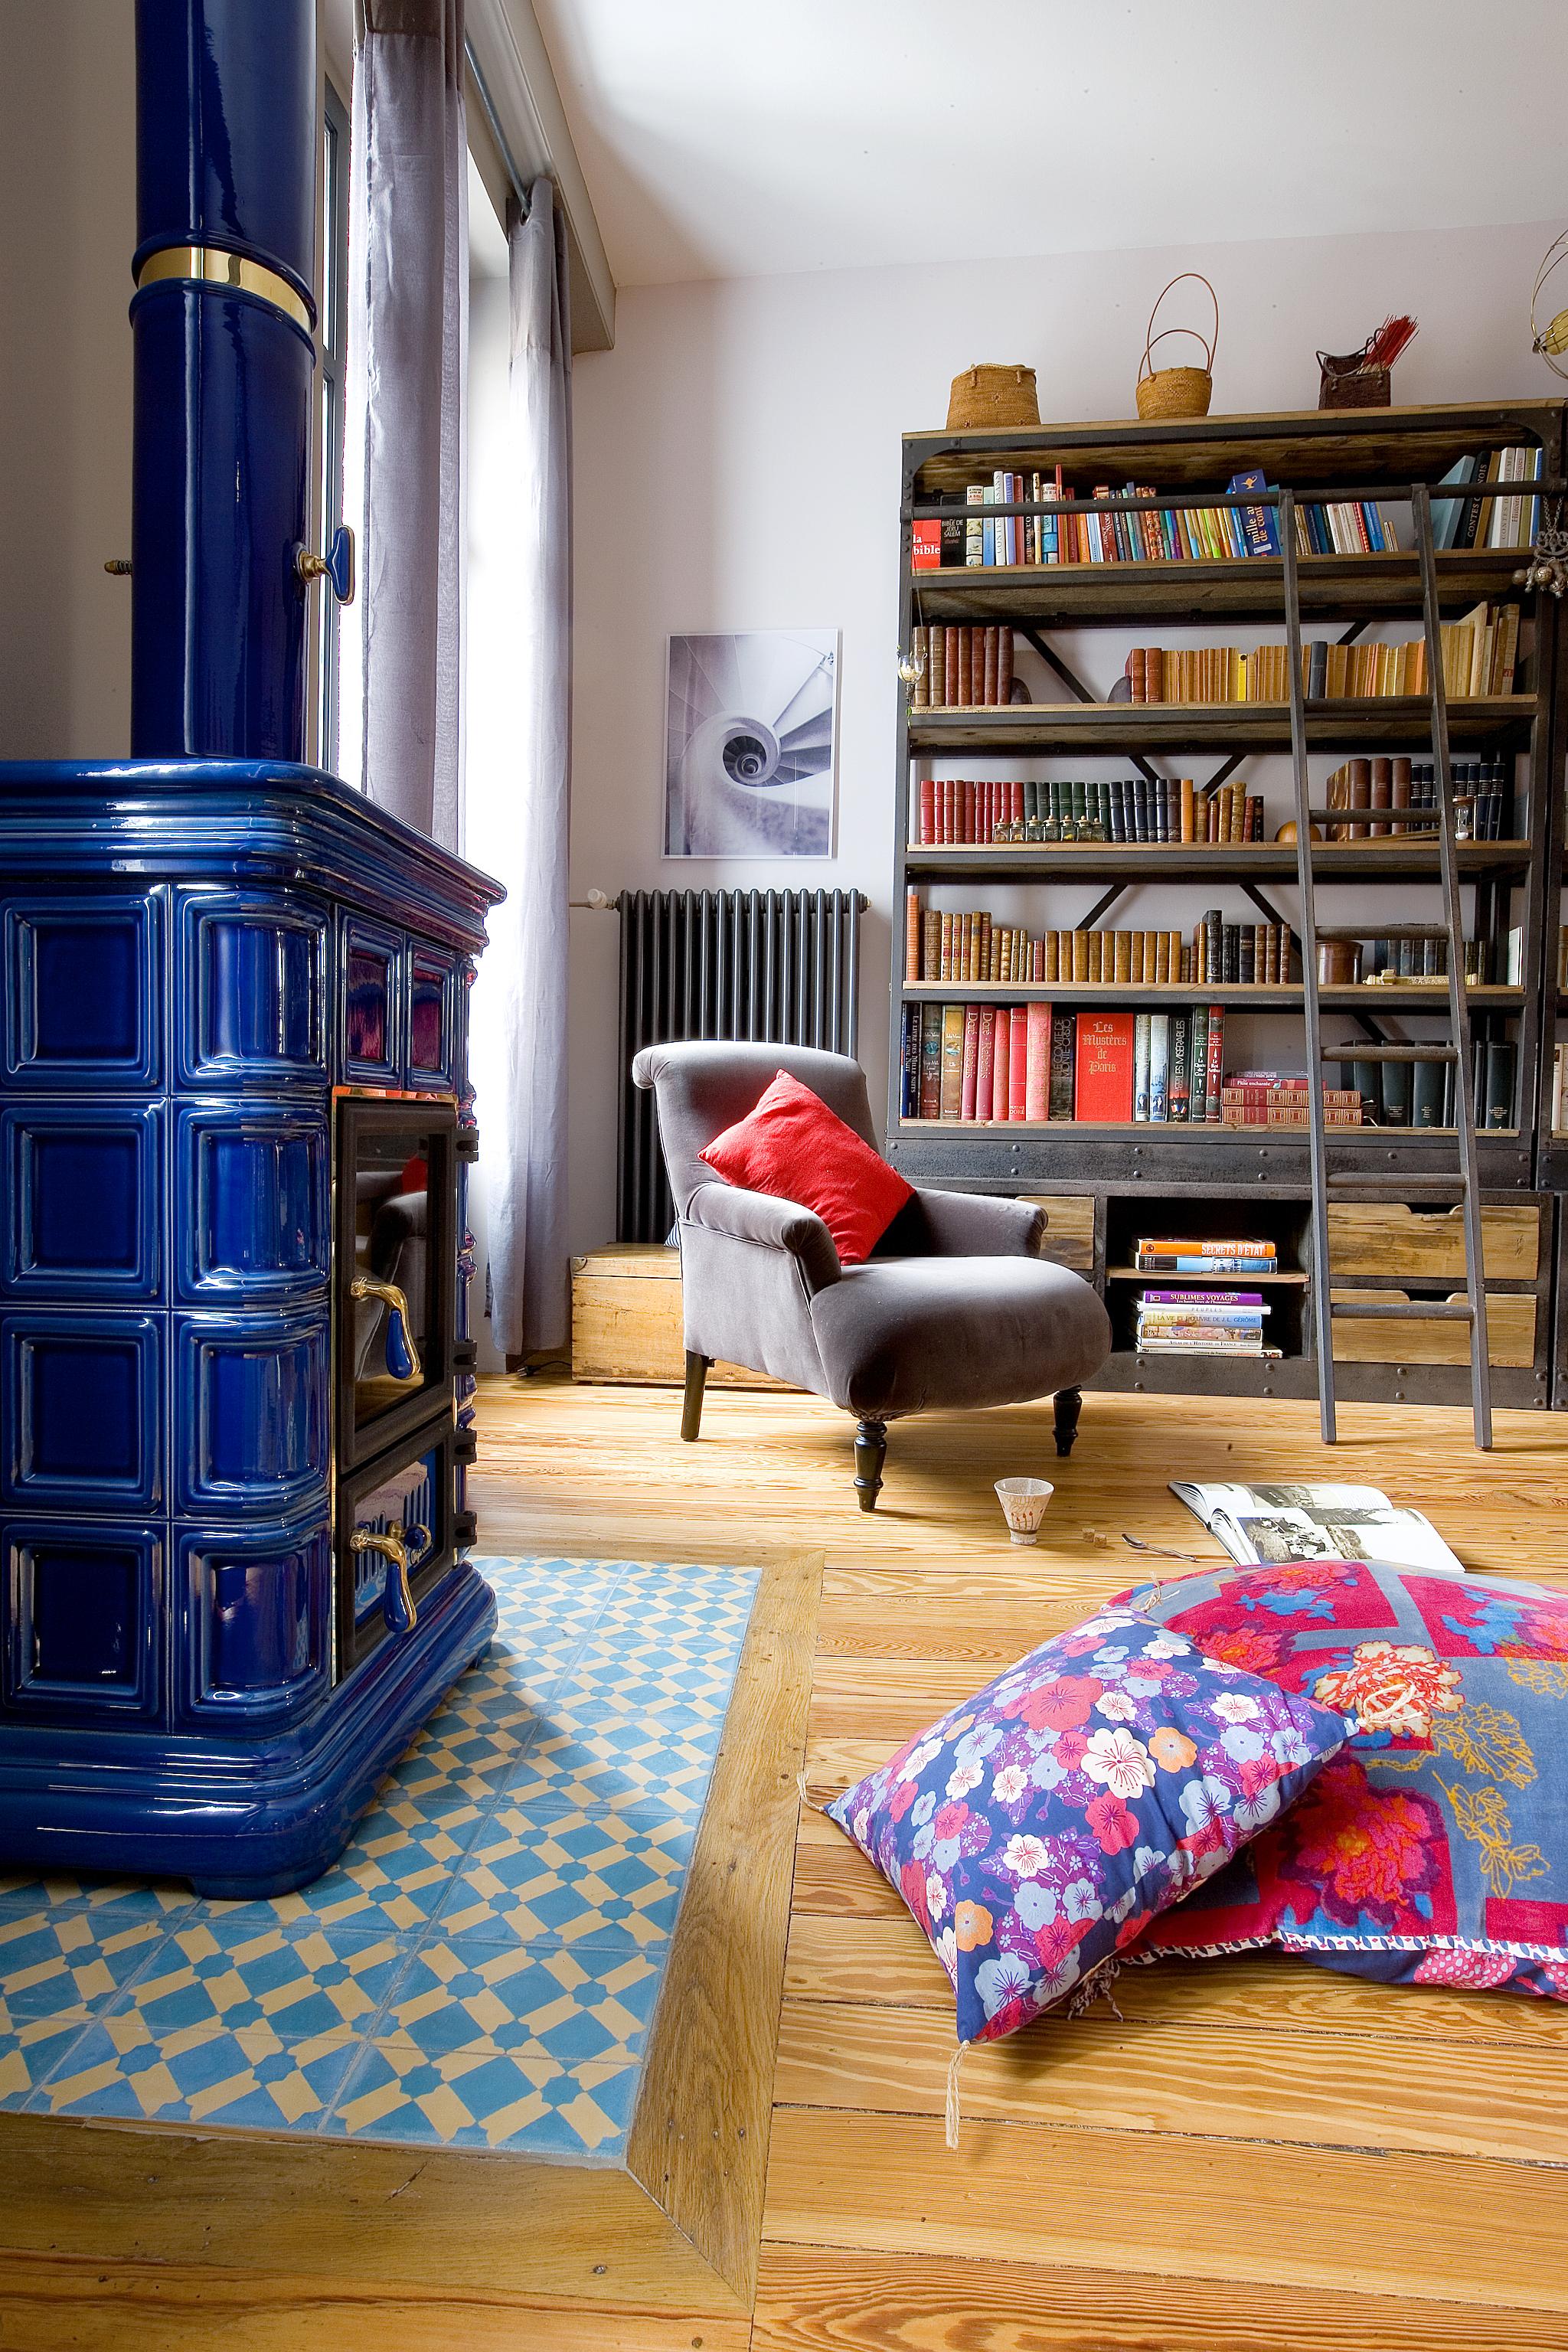 amenagement interieur la rochelle alize chauvet architecte. Black Bedroom Furniture Sets. Home Design Ideas